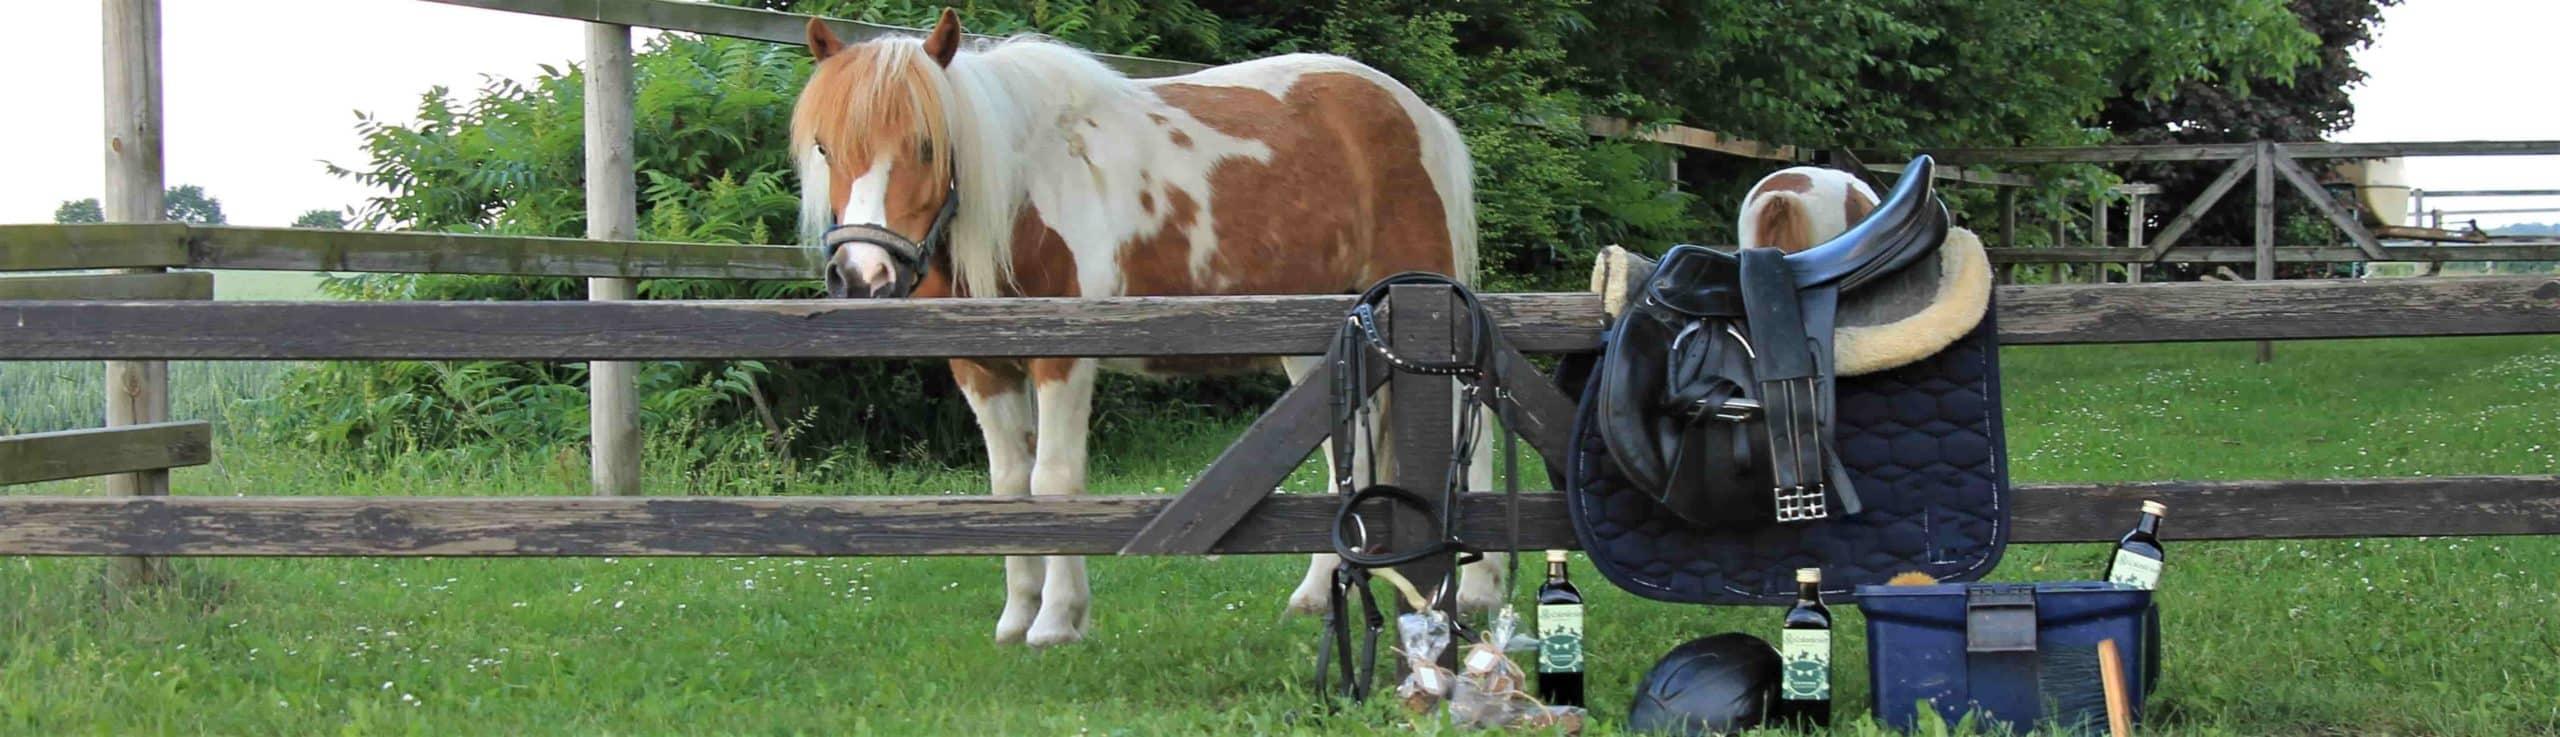 Kräuterelexier für Pferde